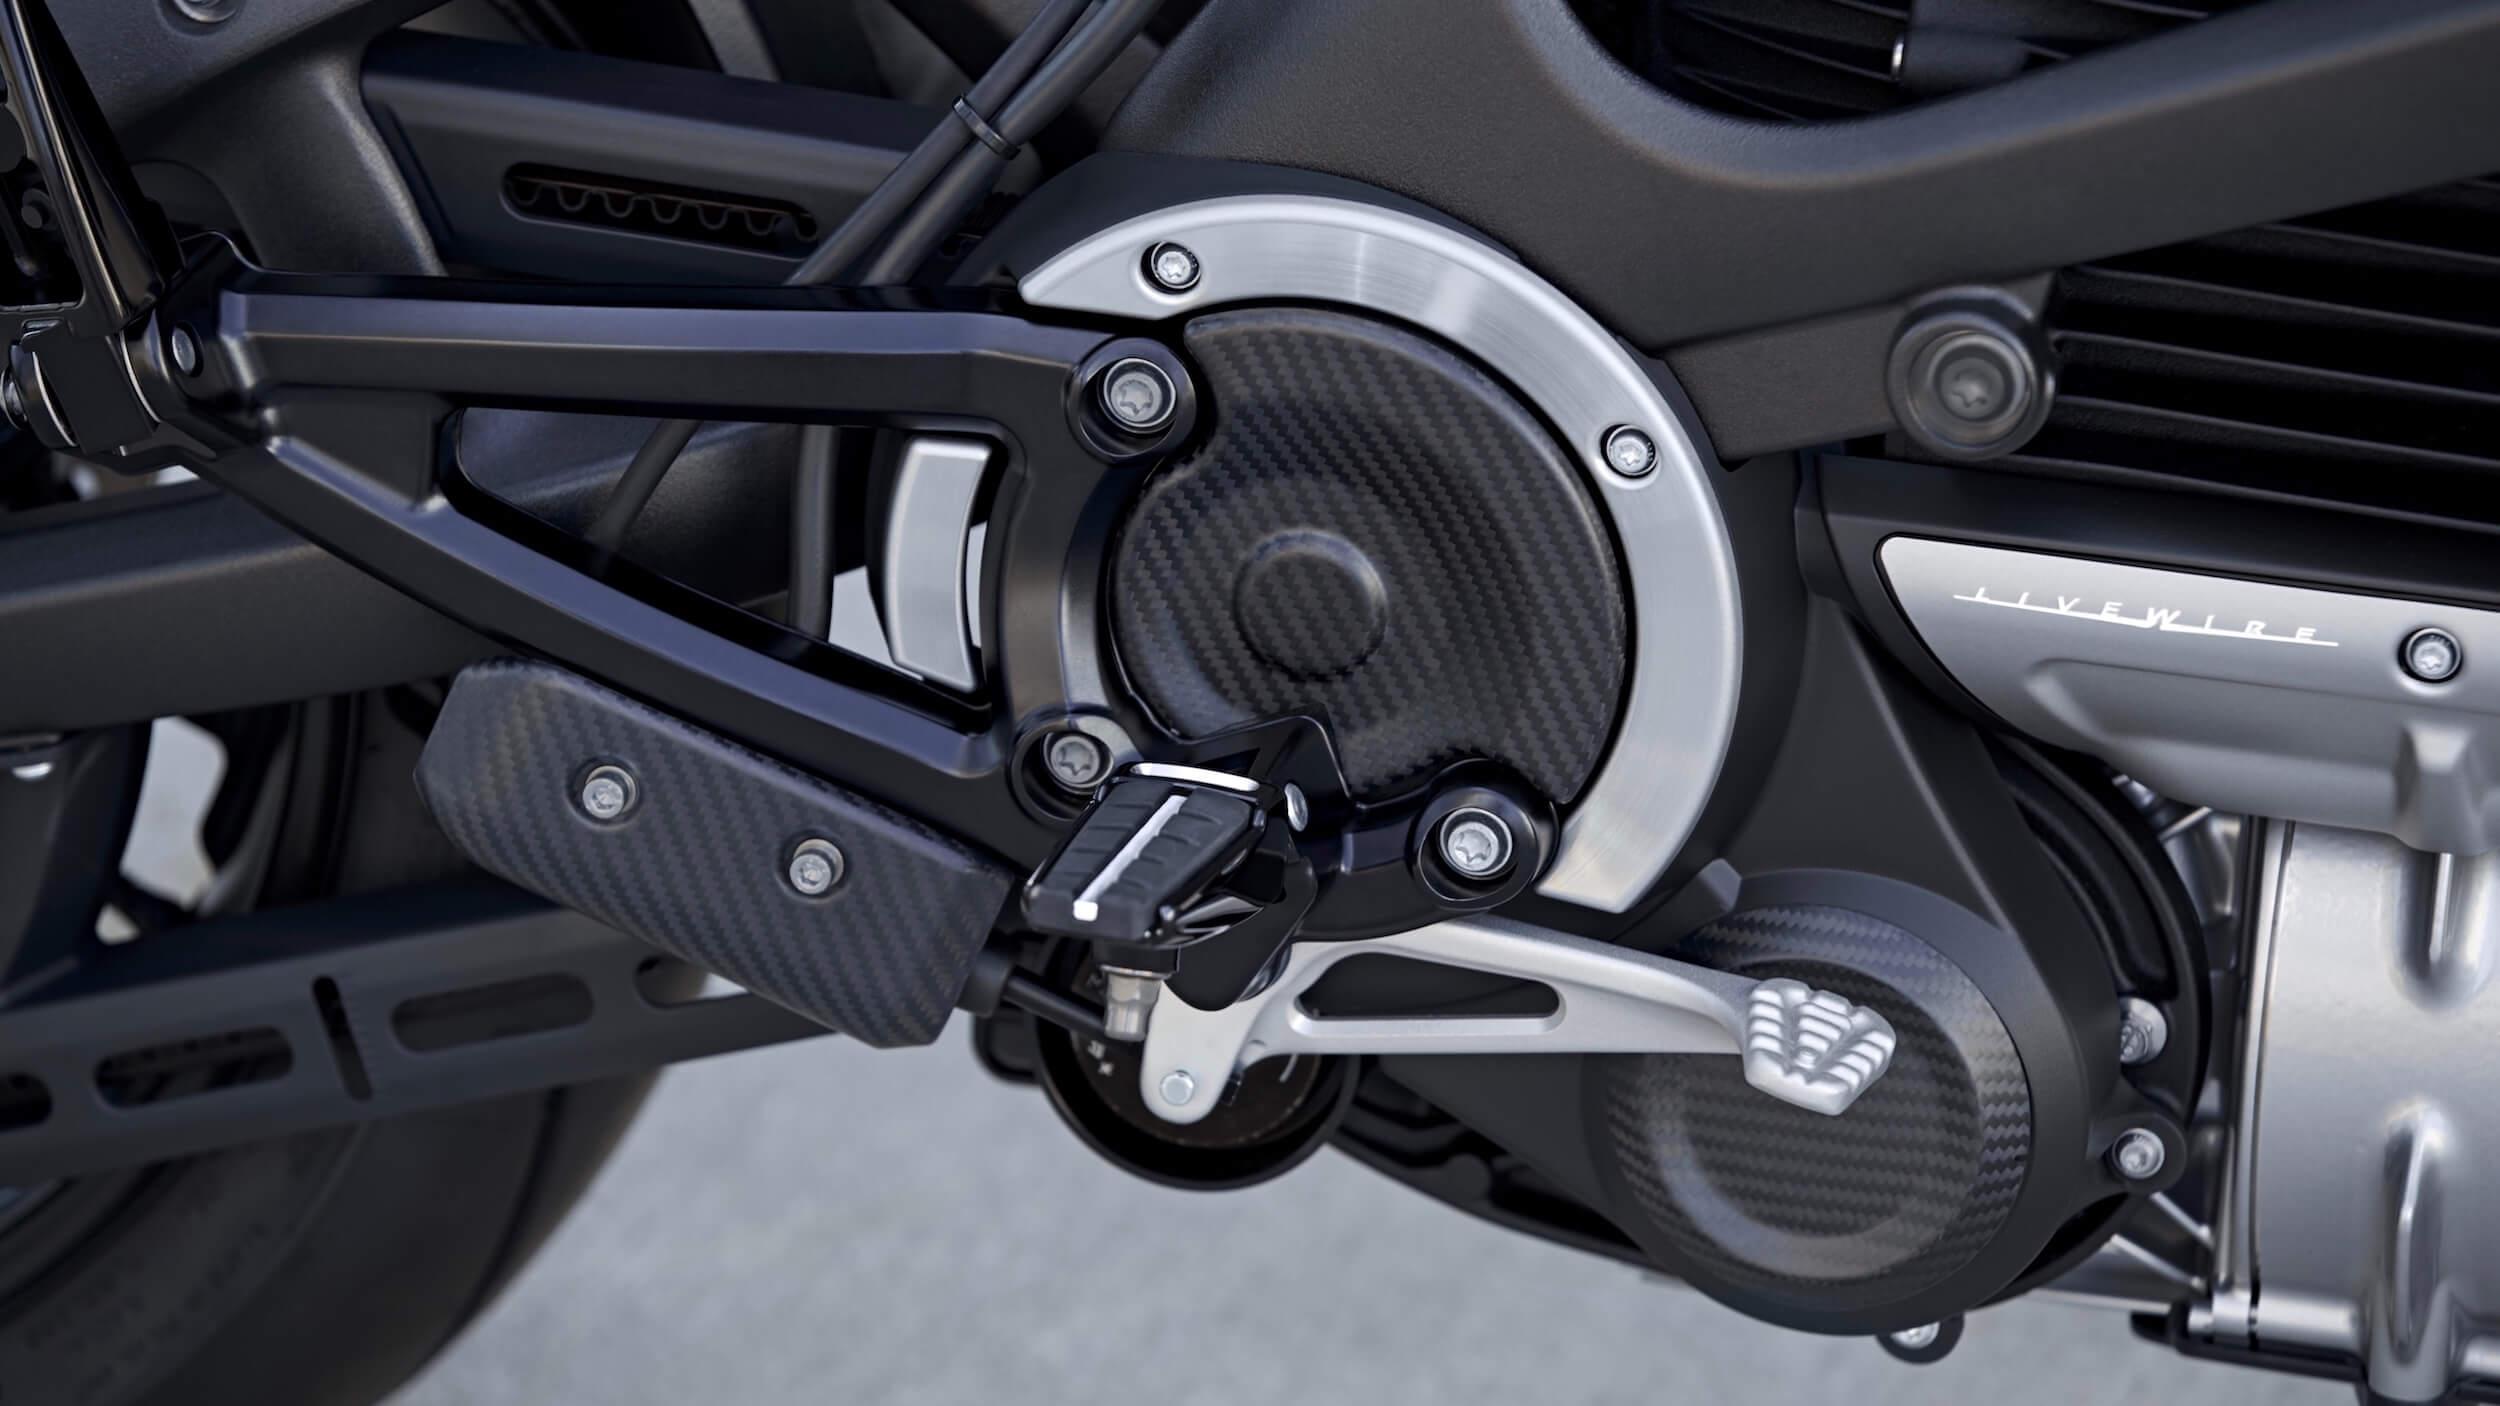 elektrische Harley Davidson rem